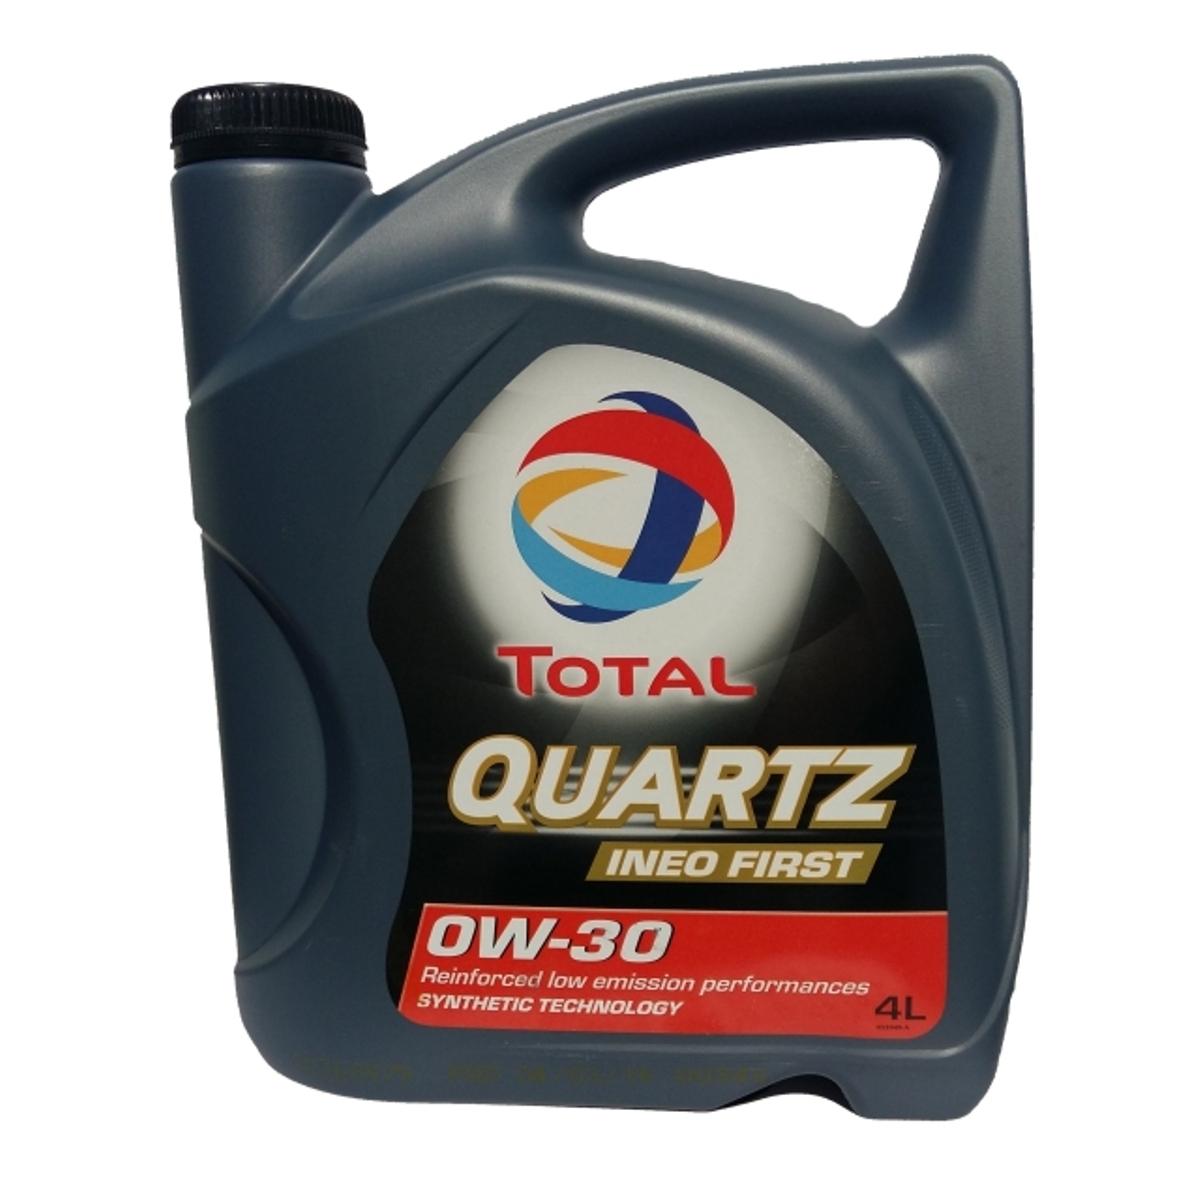 Моторное масло Total Quartz Ineo First 0W30, 4 л183175TOTAL QUARTZ INEO FIRST 0W-30 применяется концерном PSA PEUGEOT CITROEN в качестве моторного масла первой заливки и рекомендуется для послепродажного обслуживания. Моторное масло, разработанное по синтетической технологии, обеспечивает двигатель максимальной защитой от износа и от образования отложений. Благодаря малозольной формуле (низкое содержание серы, фосфора, пониженная зольность) масло обеспечивает долгое и правильное функционирование системы доочистки выхлопных газов, чувствительных к смазочным материалам и дорогих в обслуживании. Применение TOTAL QUARTZ INEO FIRST 0W30 позволяет экономить, не требуя при этом изменения стиля вождения. Подходит для наиболее сложных условий эксплуатации (езда от двери до двери, спортивное вождение, старт-стоп, езда в городе и т.д.). Экономия топлива и LOW SAPS Международные спецификации: ACEA C1 и C2 2010 Одобрения автопроизводителей: PSA PEUGEOT CITROEN B71 2312